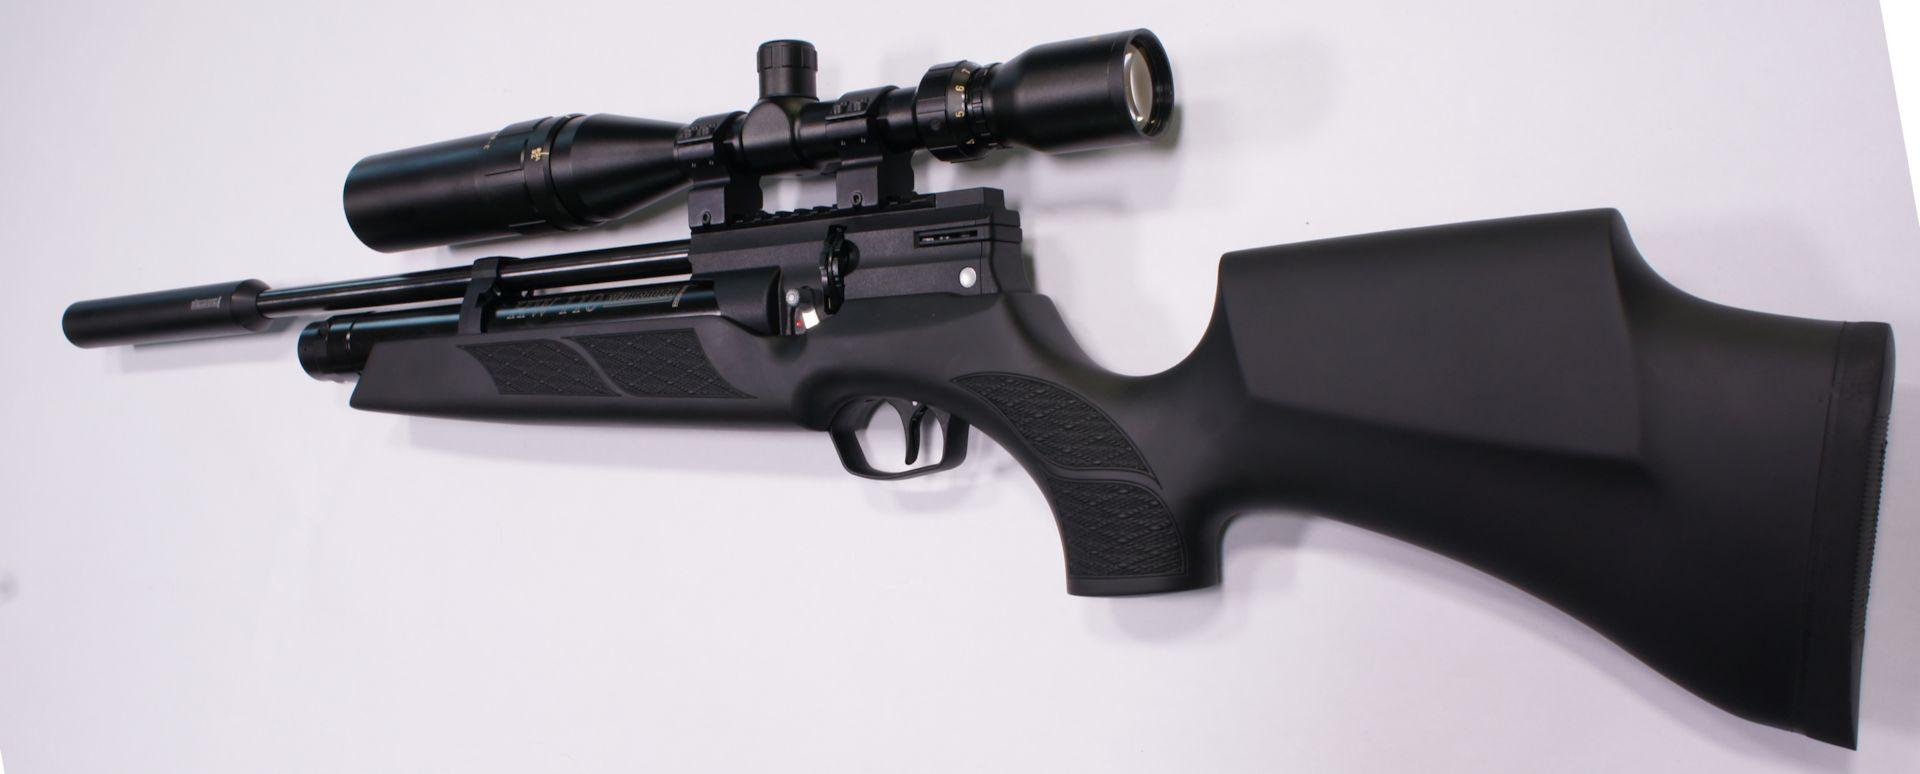 Montagebeispiel: erwerbsscheinpflichtiges Luftgewehr Weihrauch HW 110 ST mit Optik Weihrauch 3-9x44